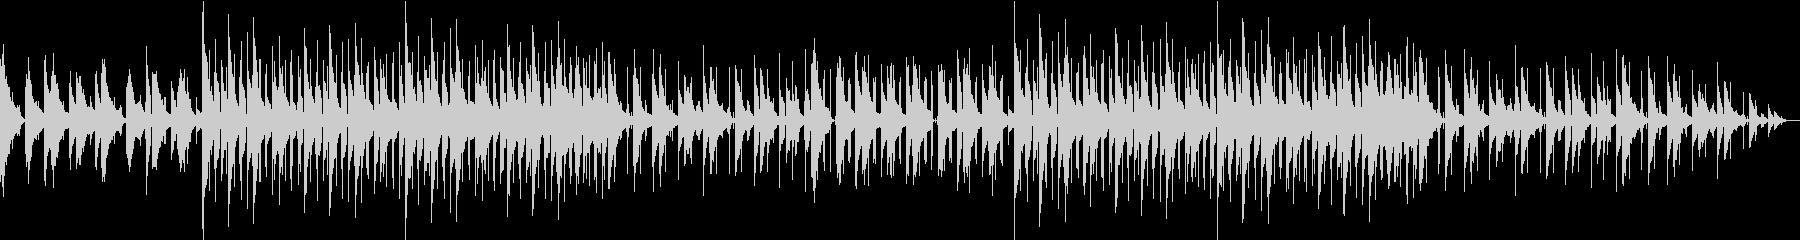 ピアノ 睡眠 LoFi スロー 深夜の未再生の波形